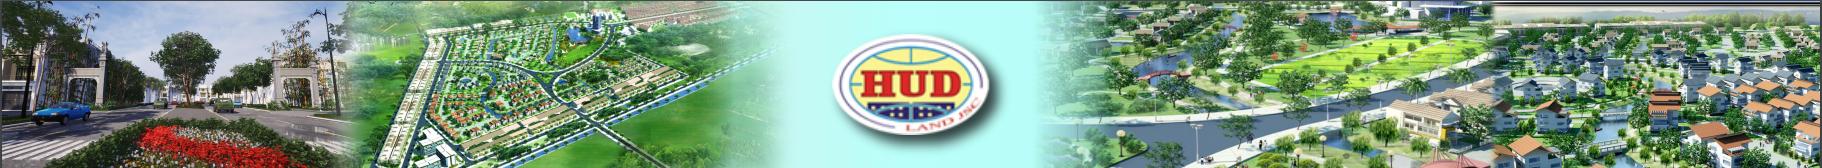 HUDLAND